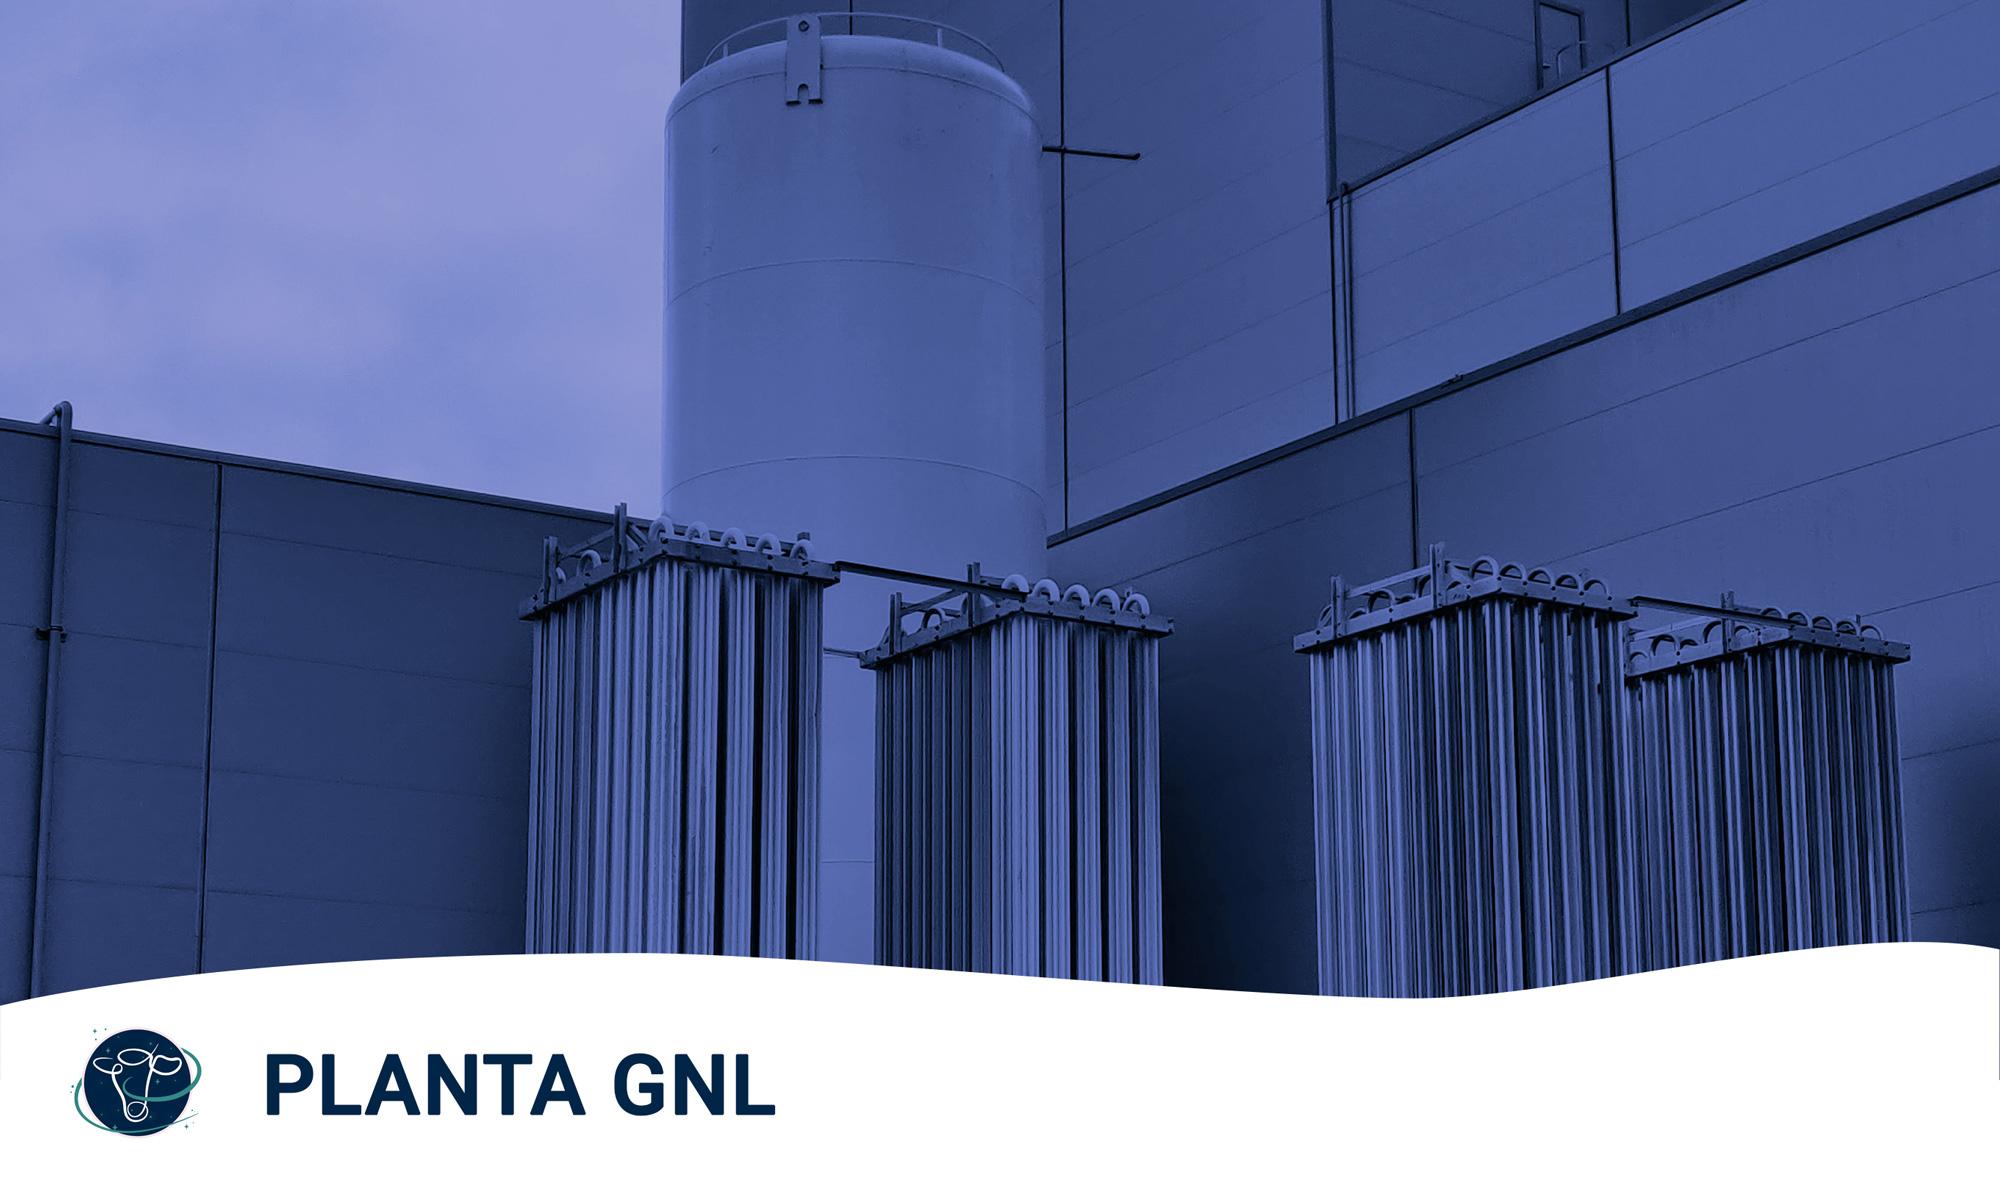 Imagen de Planta GNL